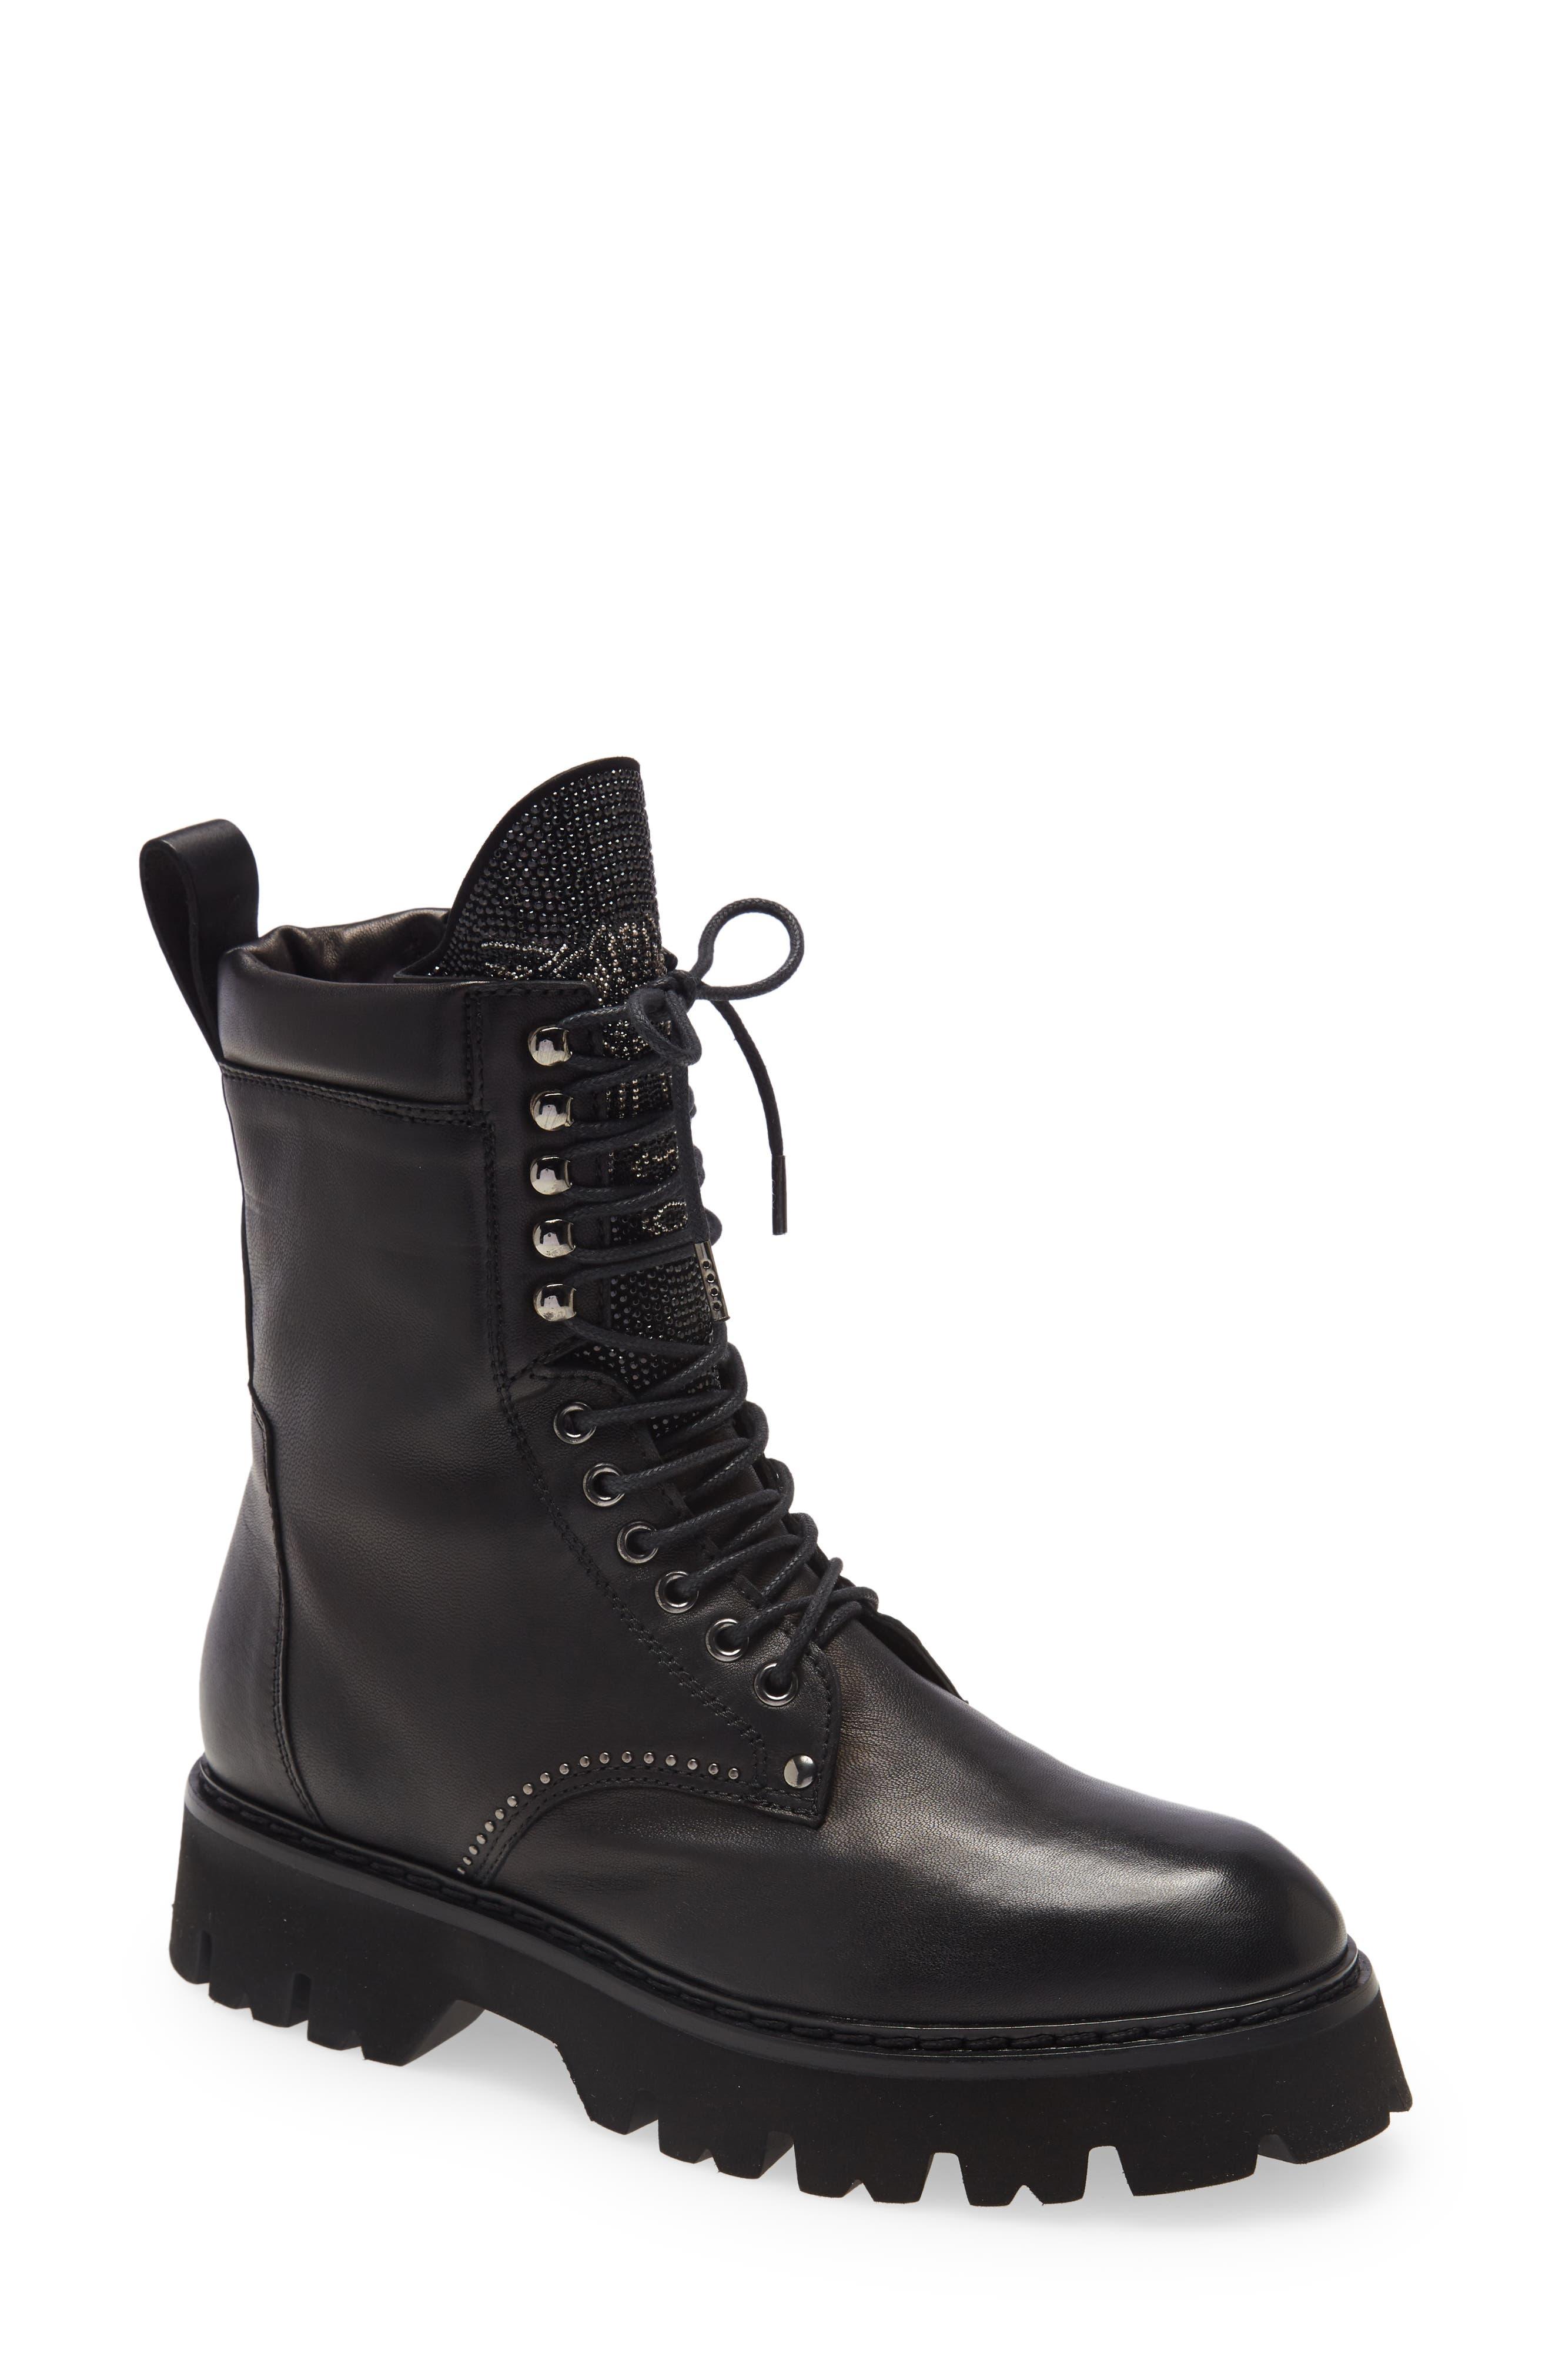 Xo Combat Boot